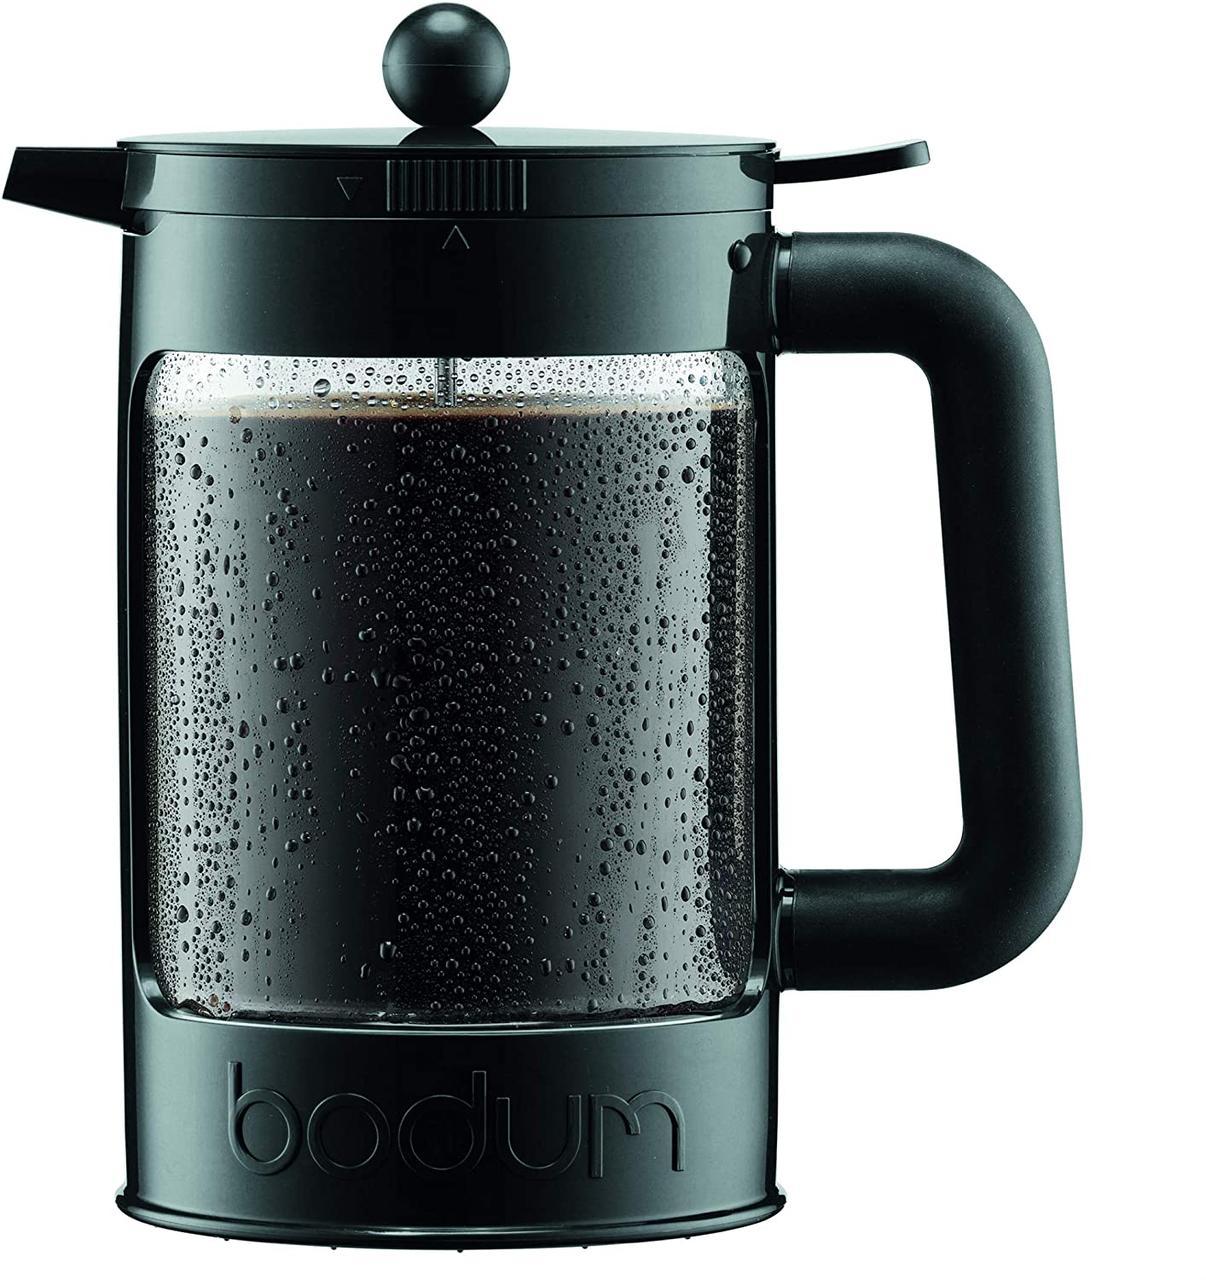 Френч-пресс Bodum  для холодного кофе 1.5 л